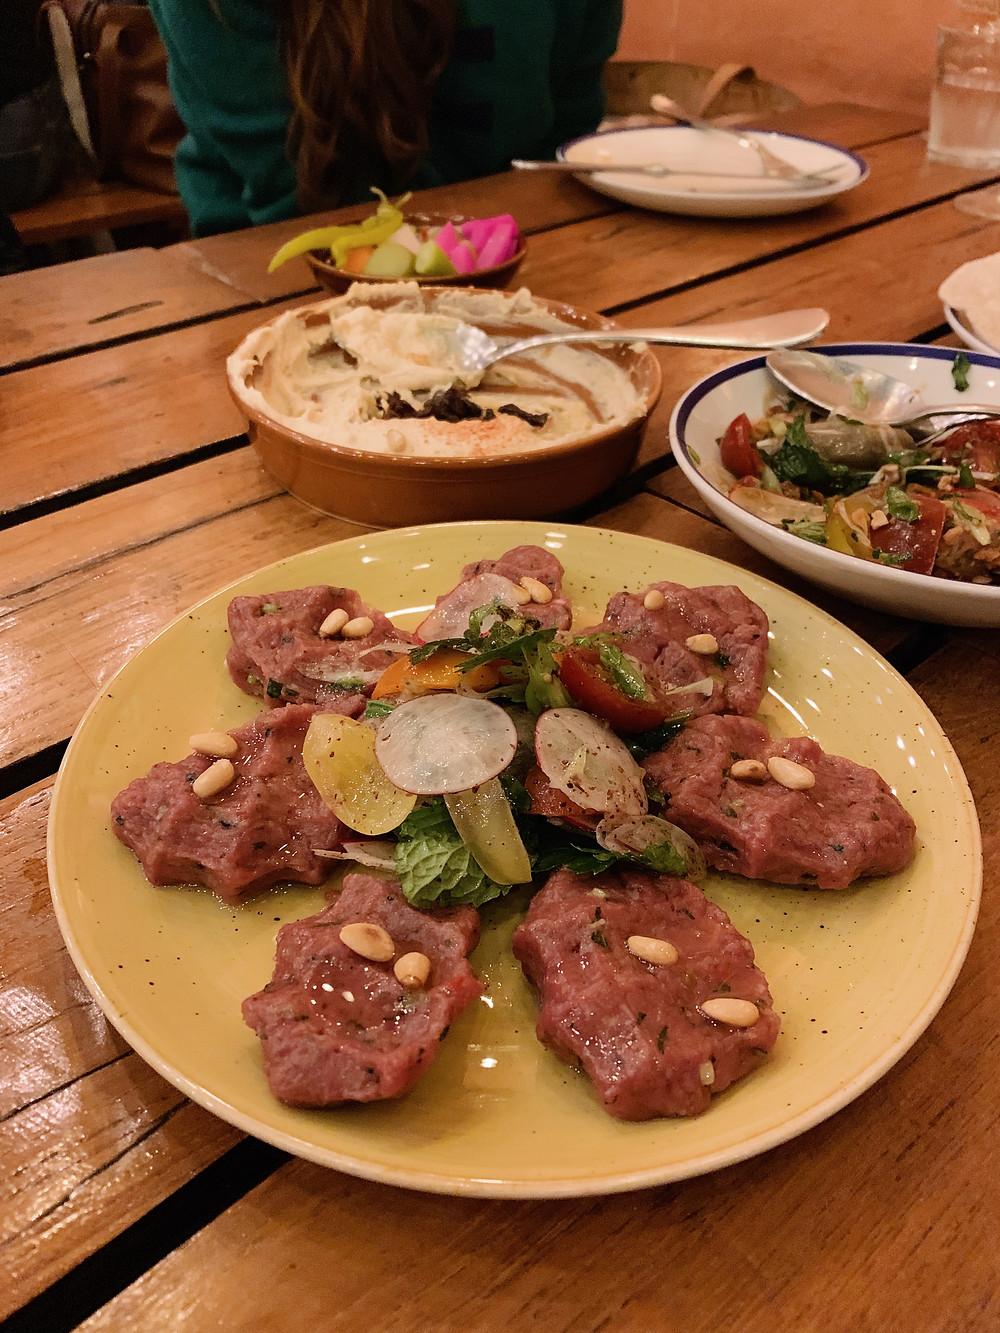 Food at Maison Libanaise restaurant in Hong Kong